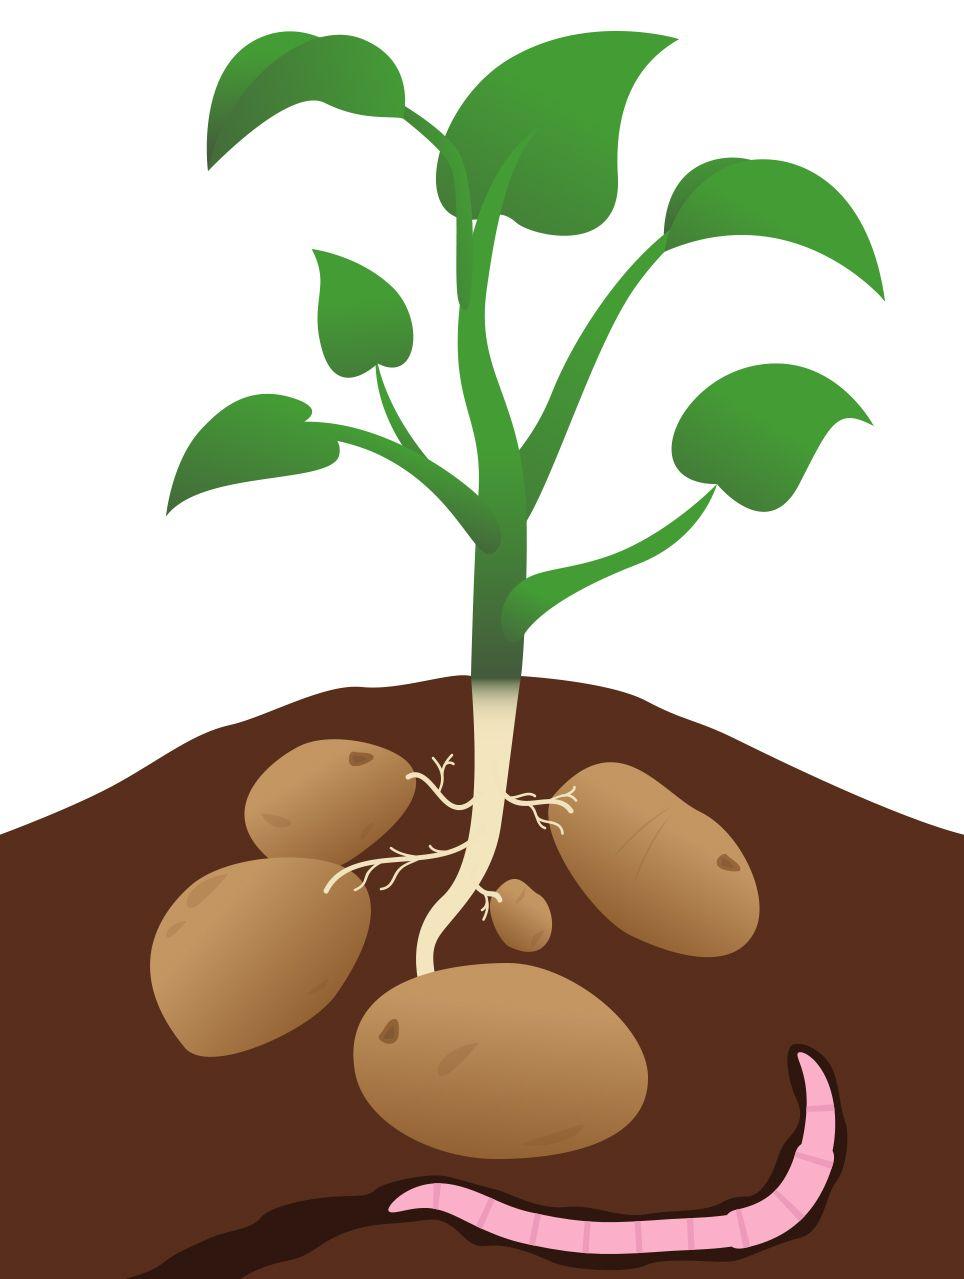 potato plant images.